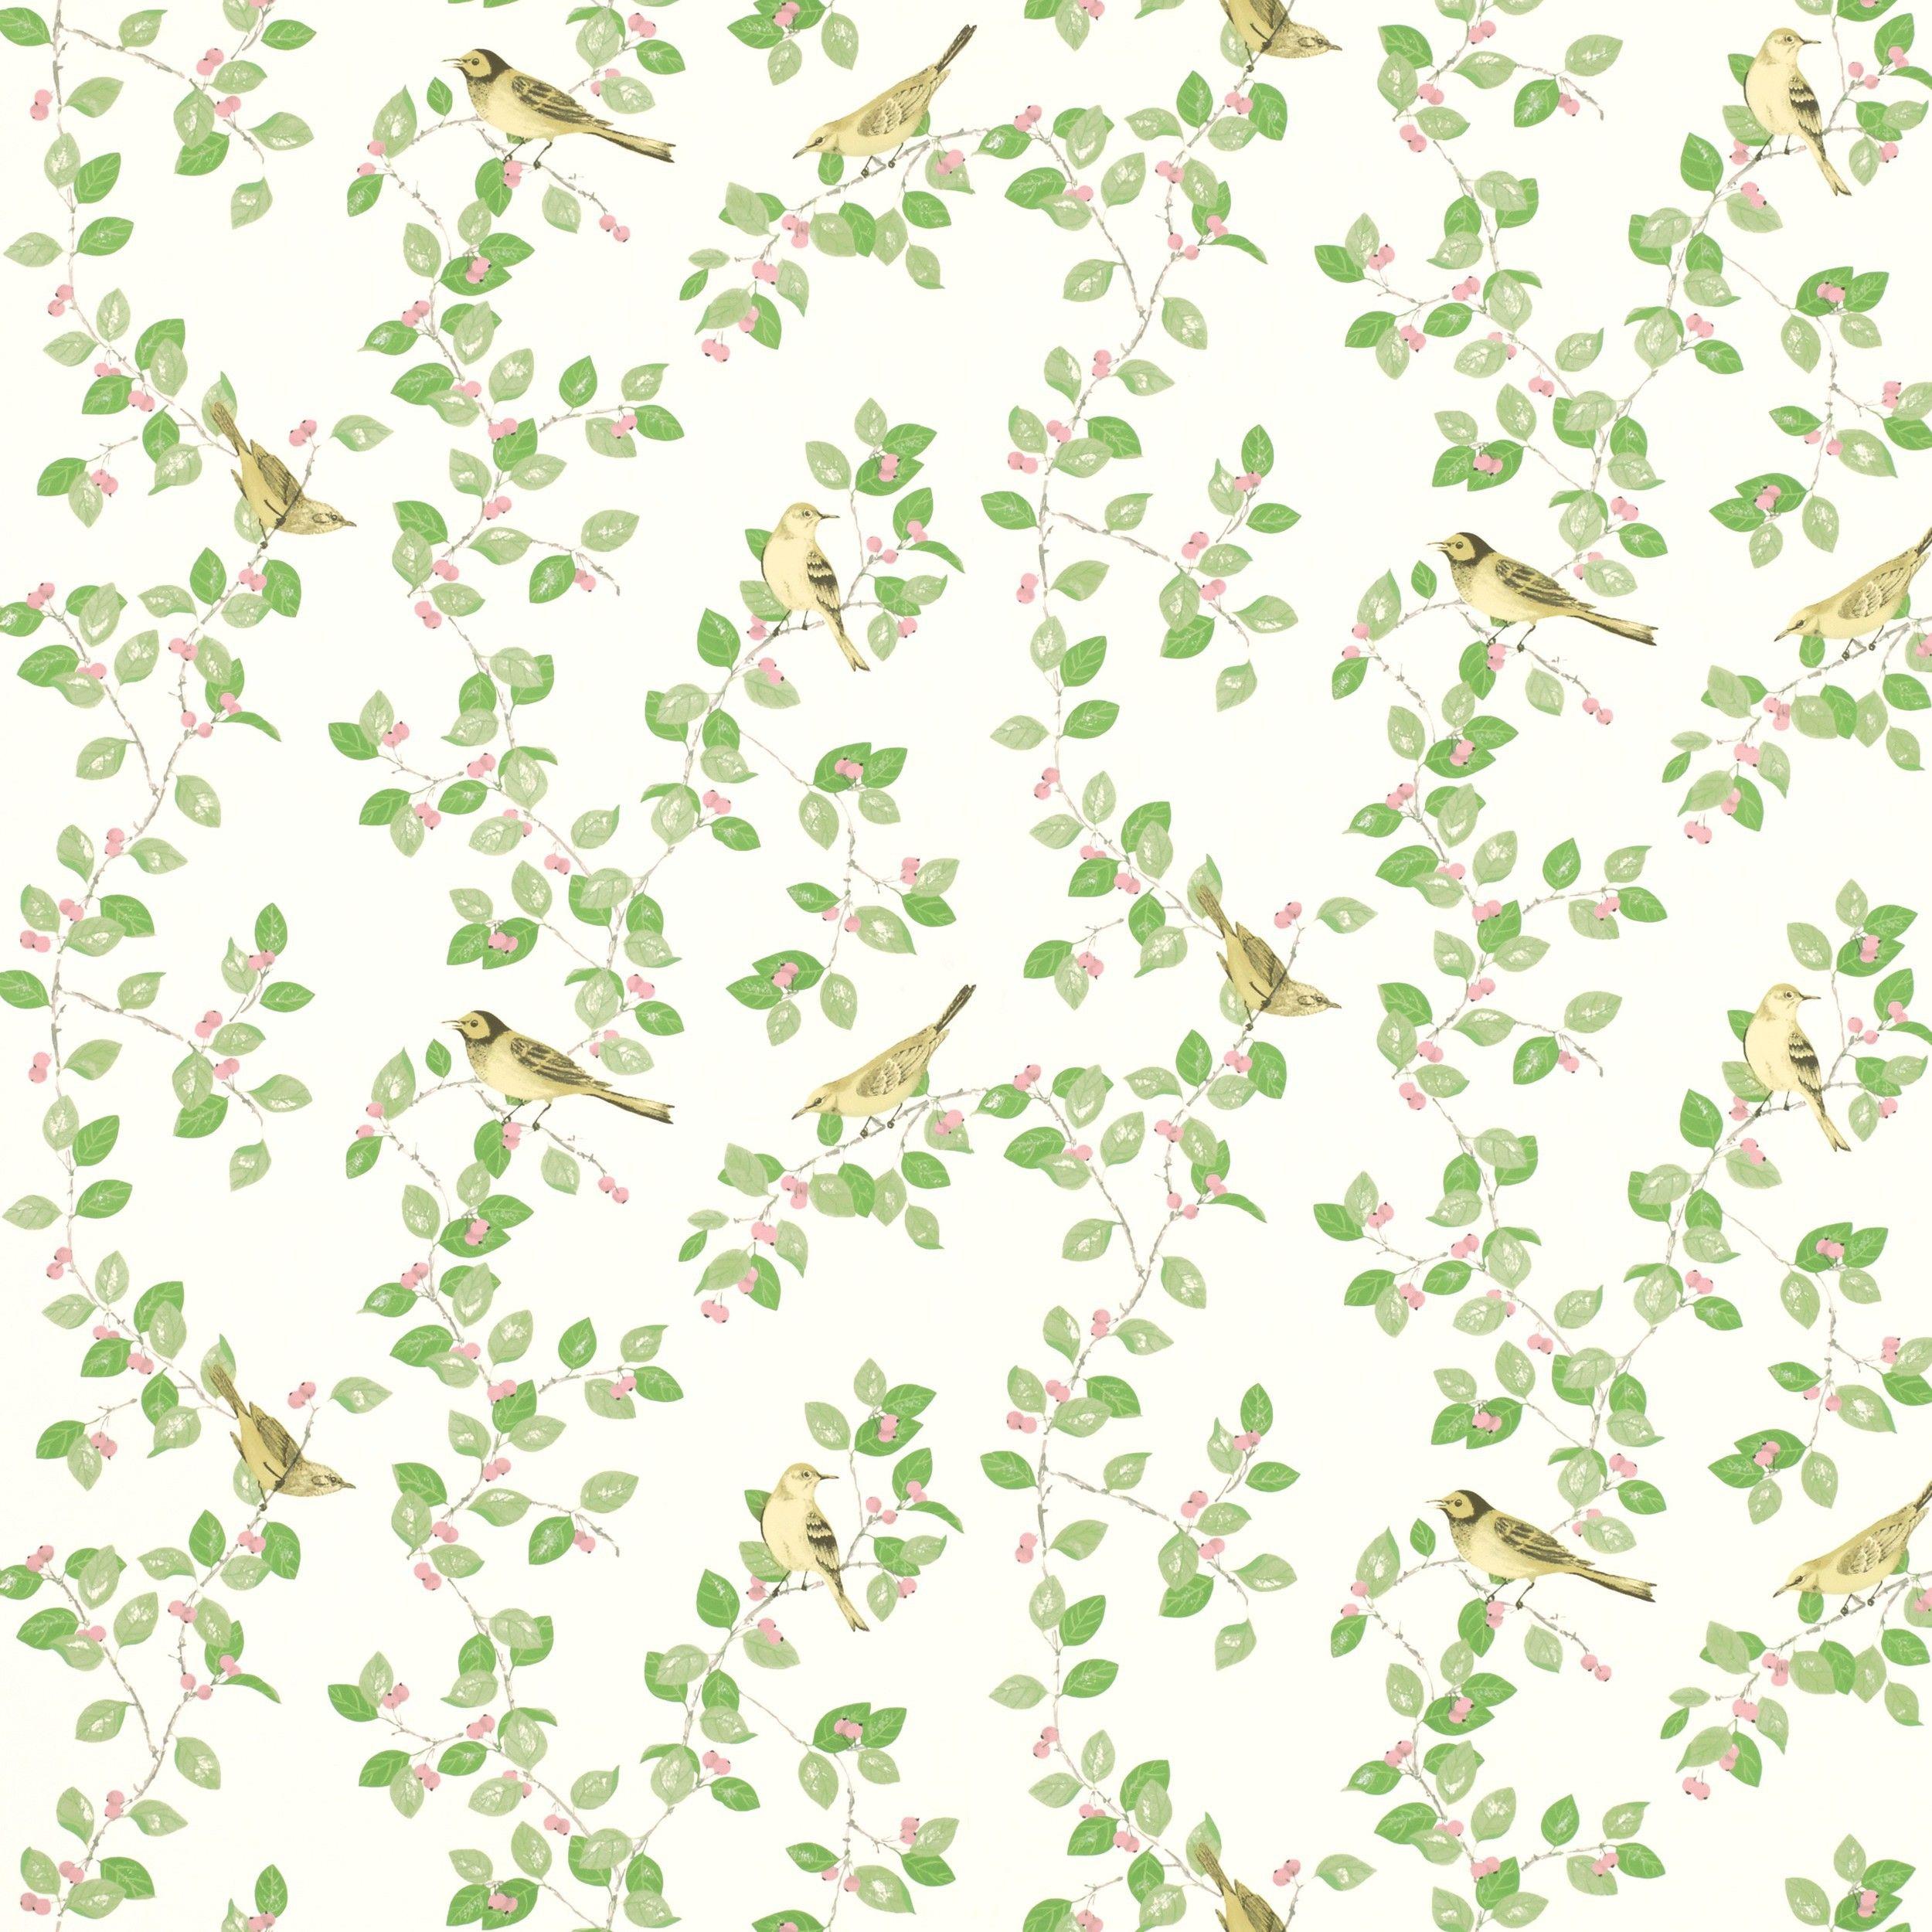 Aviary Garden Apple Green Wallpaper at Laura Ashley